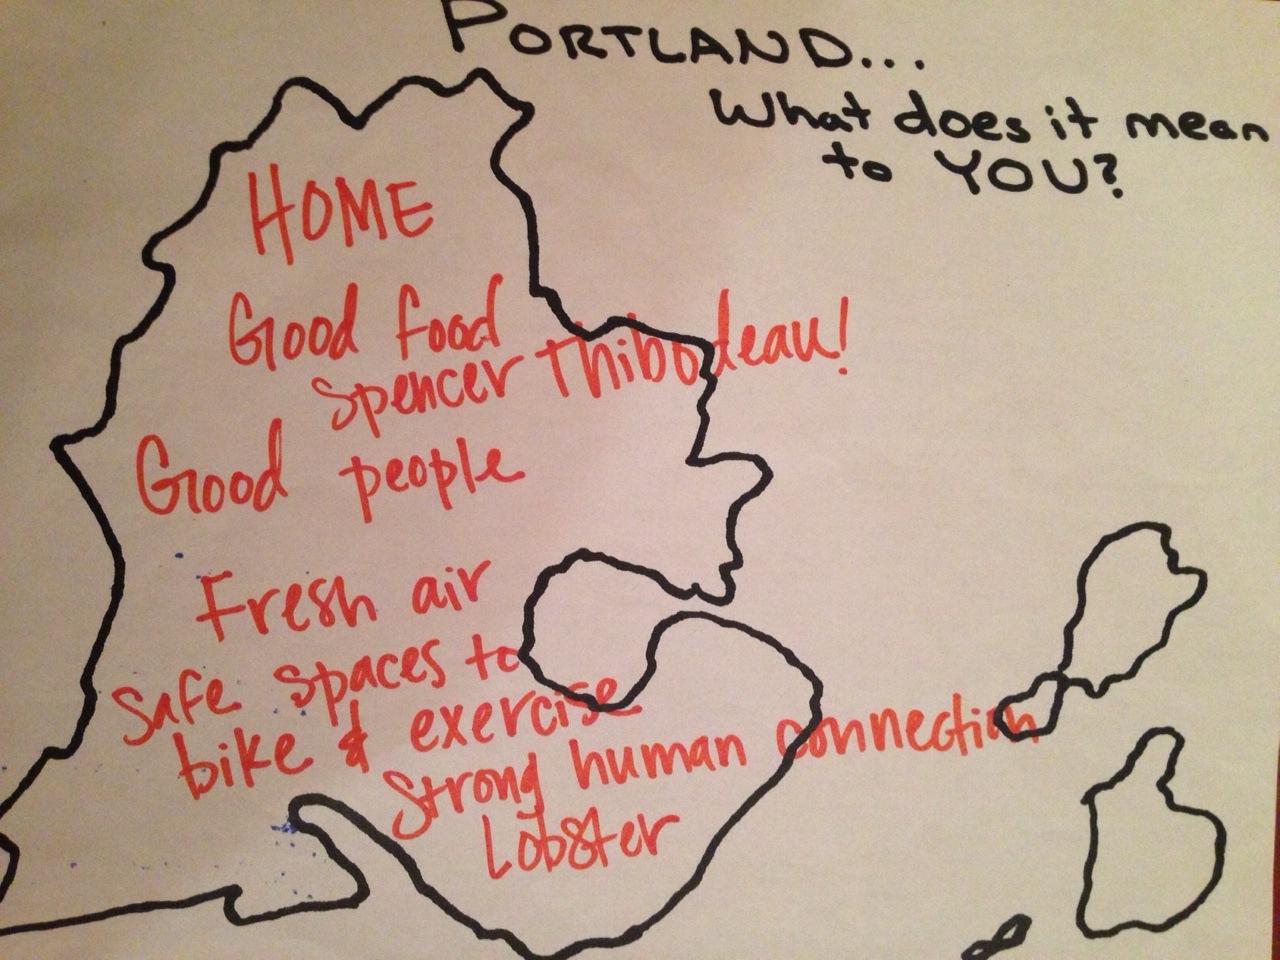 Portland3.JPG